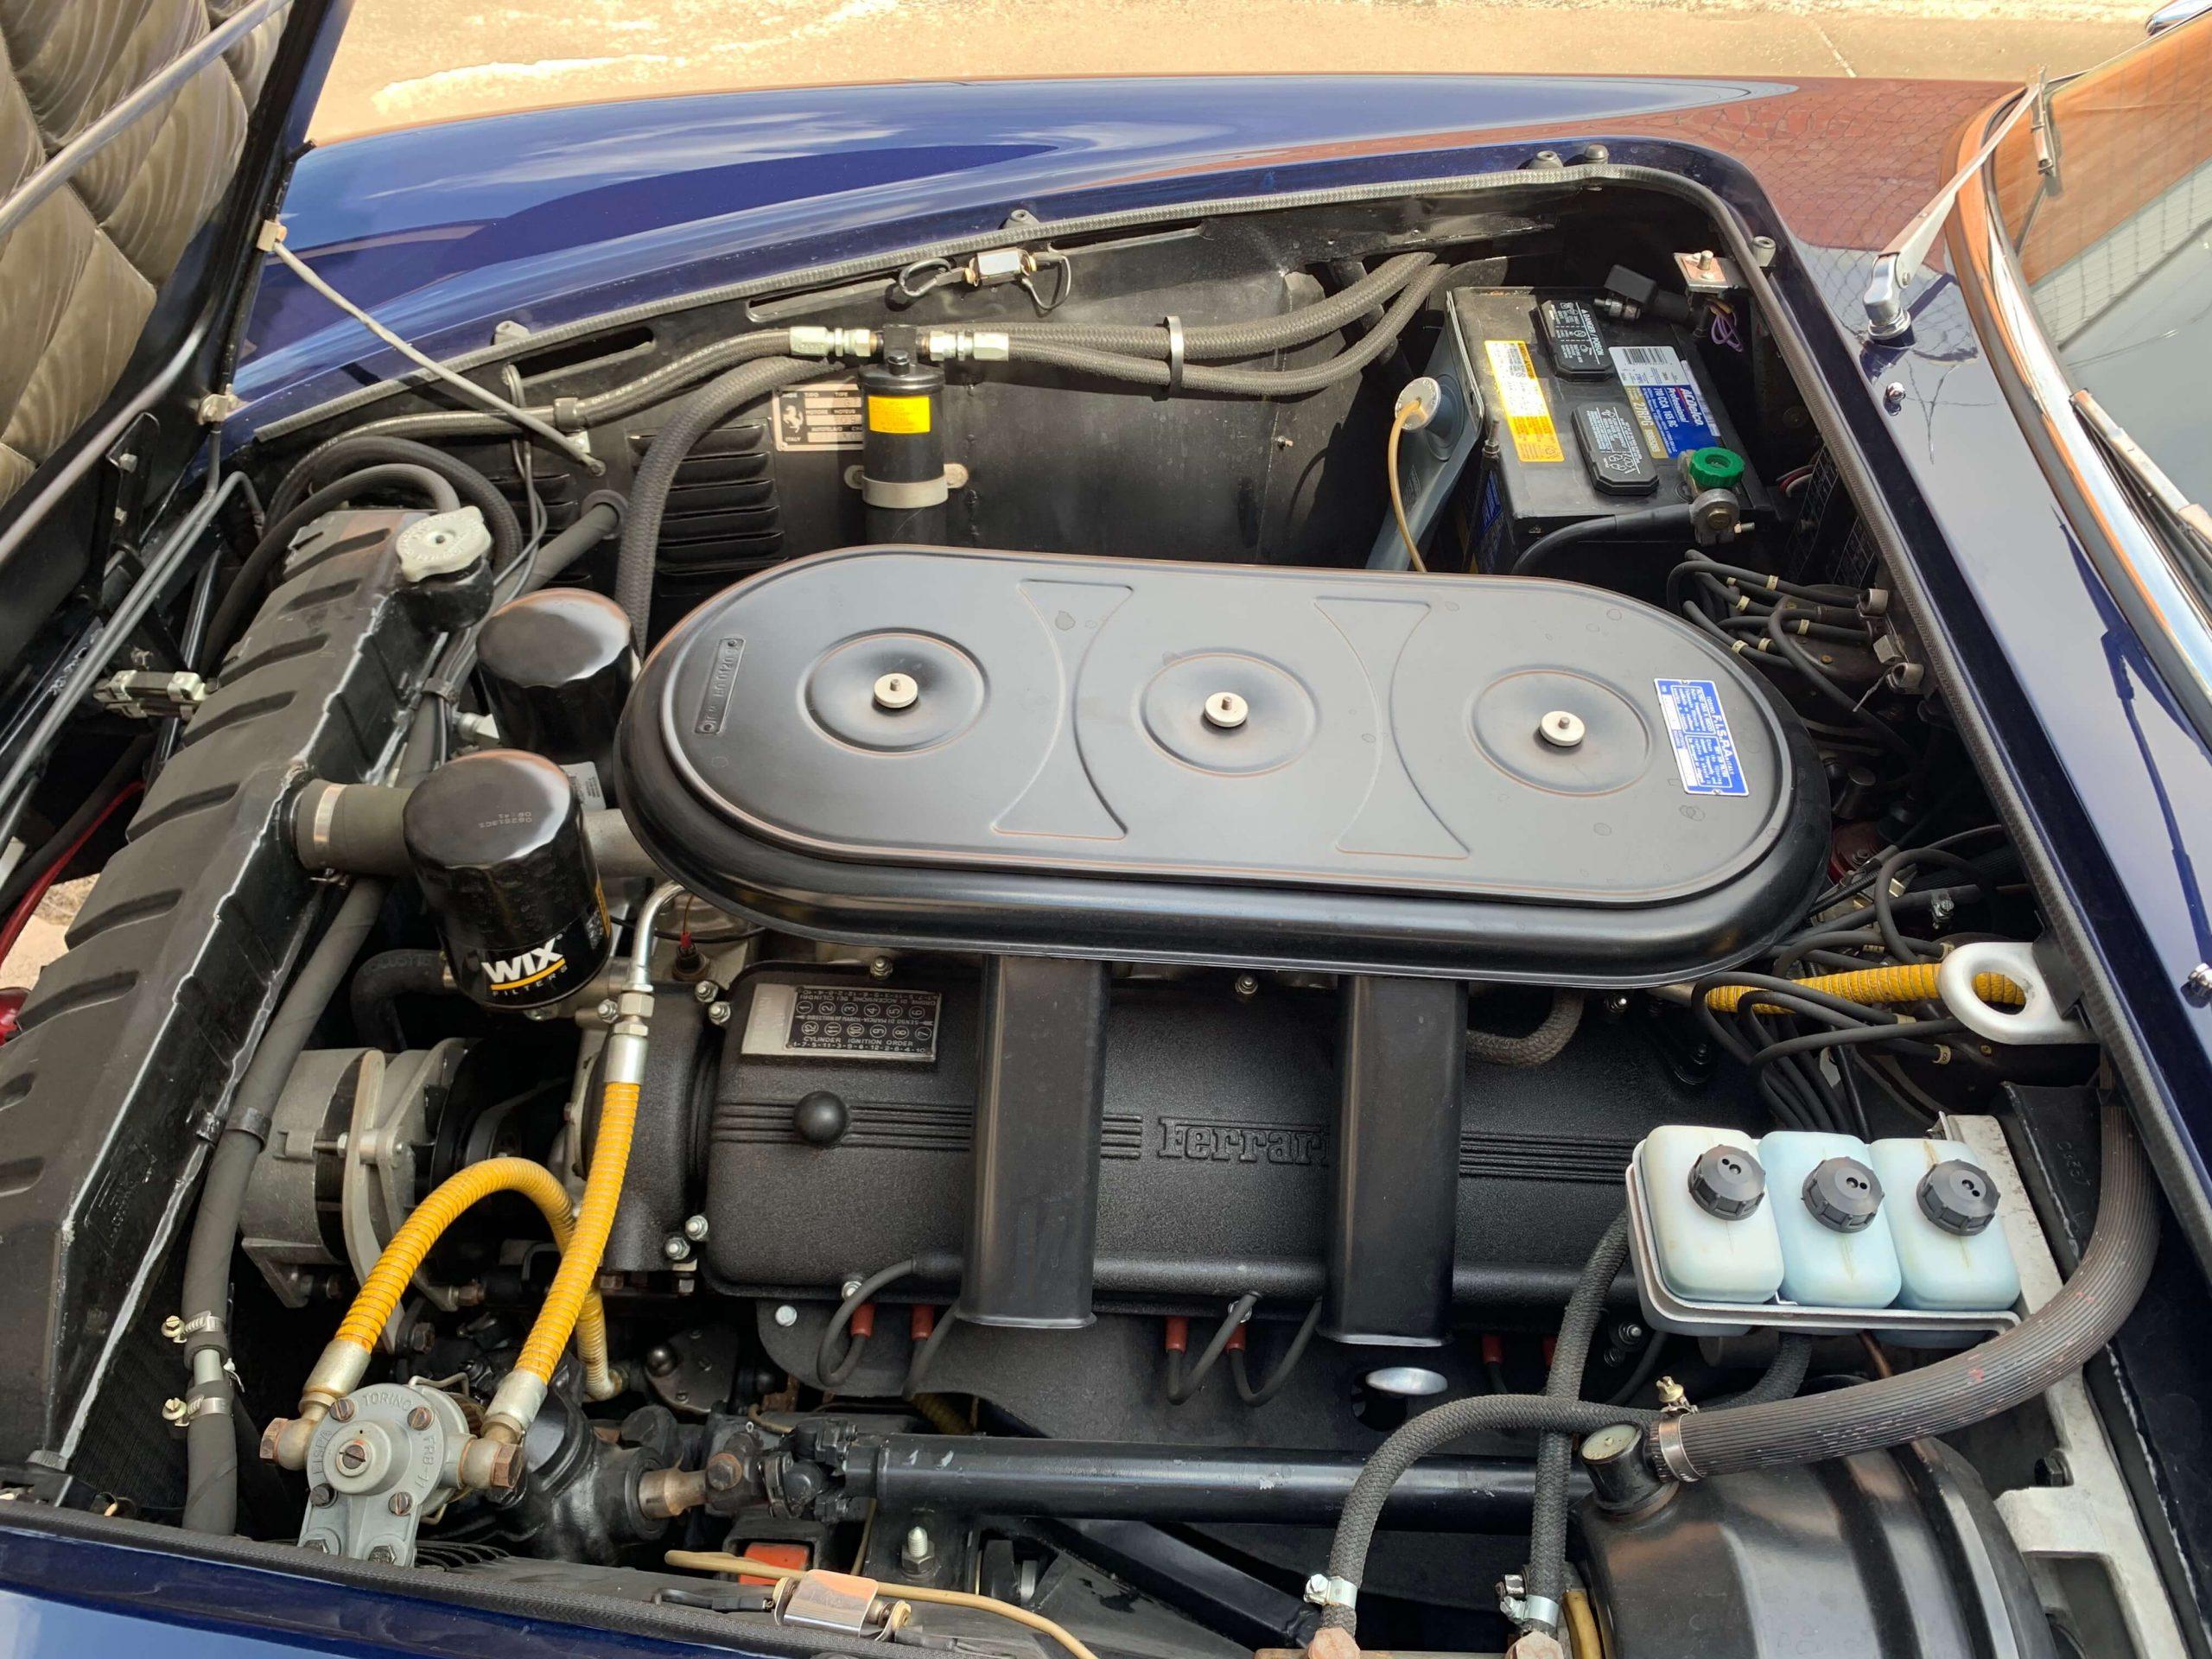 Ferrari 330 GTC Engine bay from left